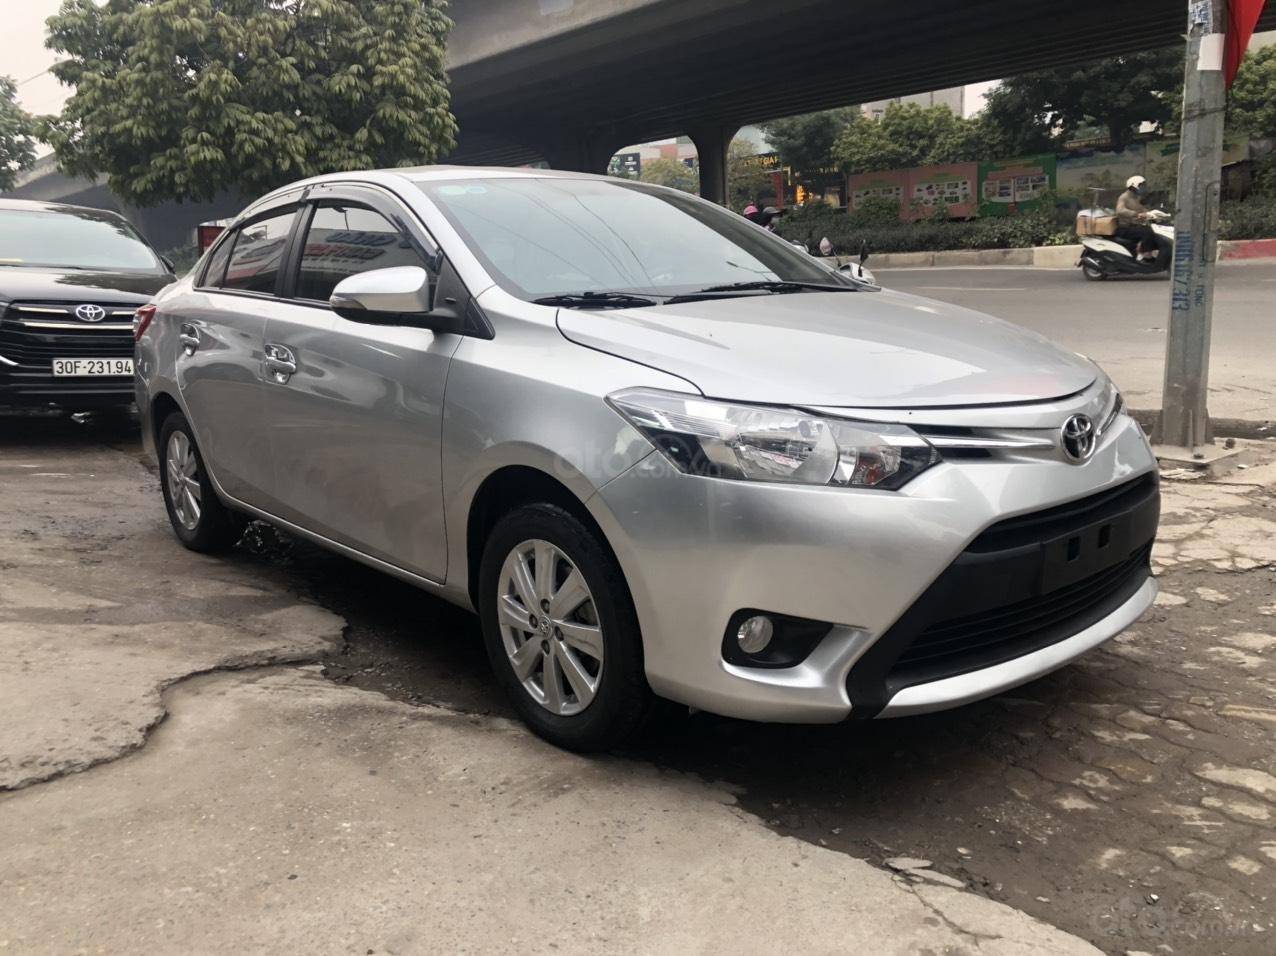 Bán nhanh Toyota Vios E AT đời 2018 màu bạc, xe chất biển TP, xe đẹp, nguyên zin không kinh doanh, chạy hơn 30000km (2)